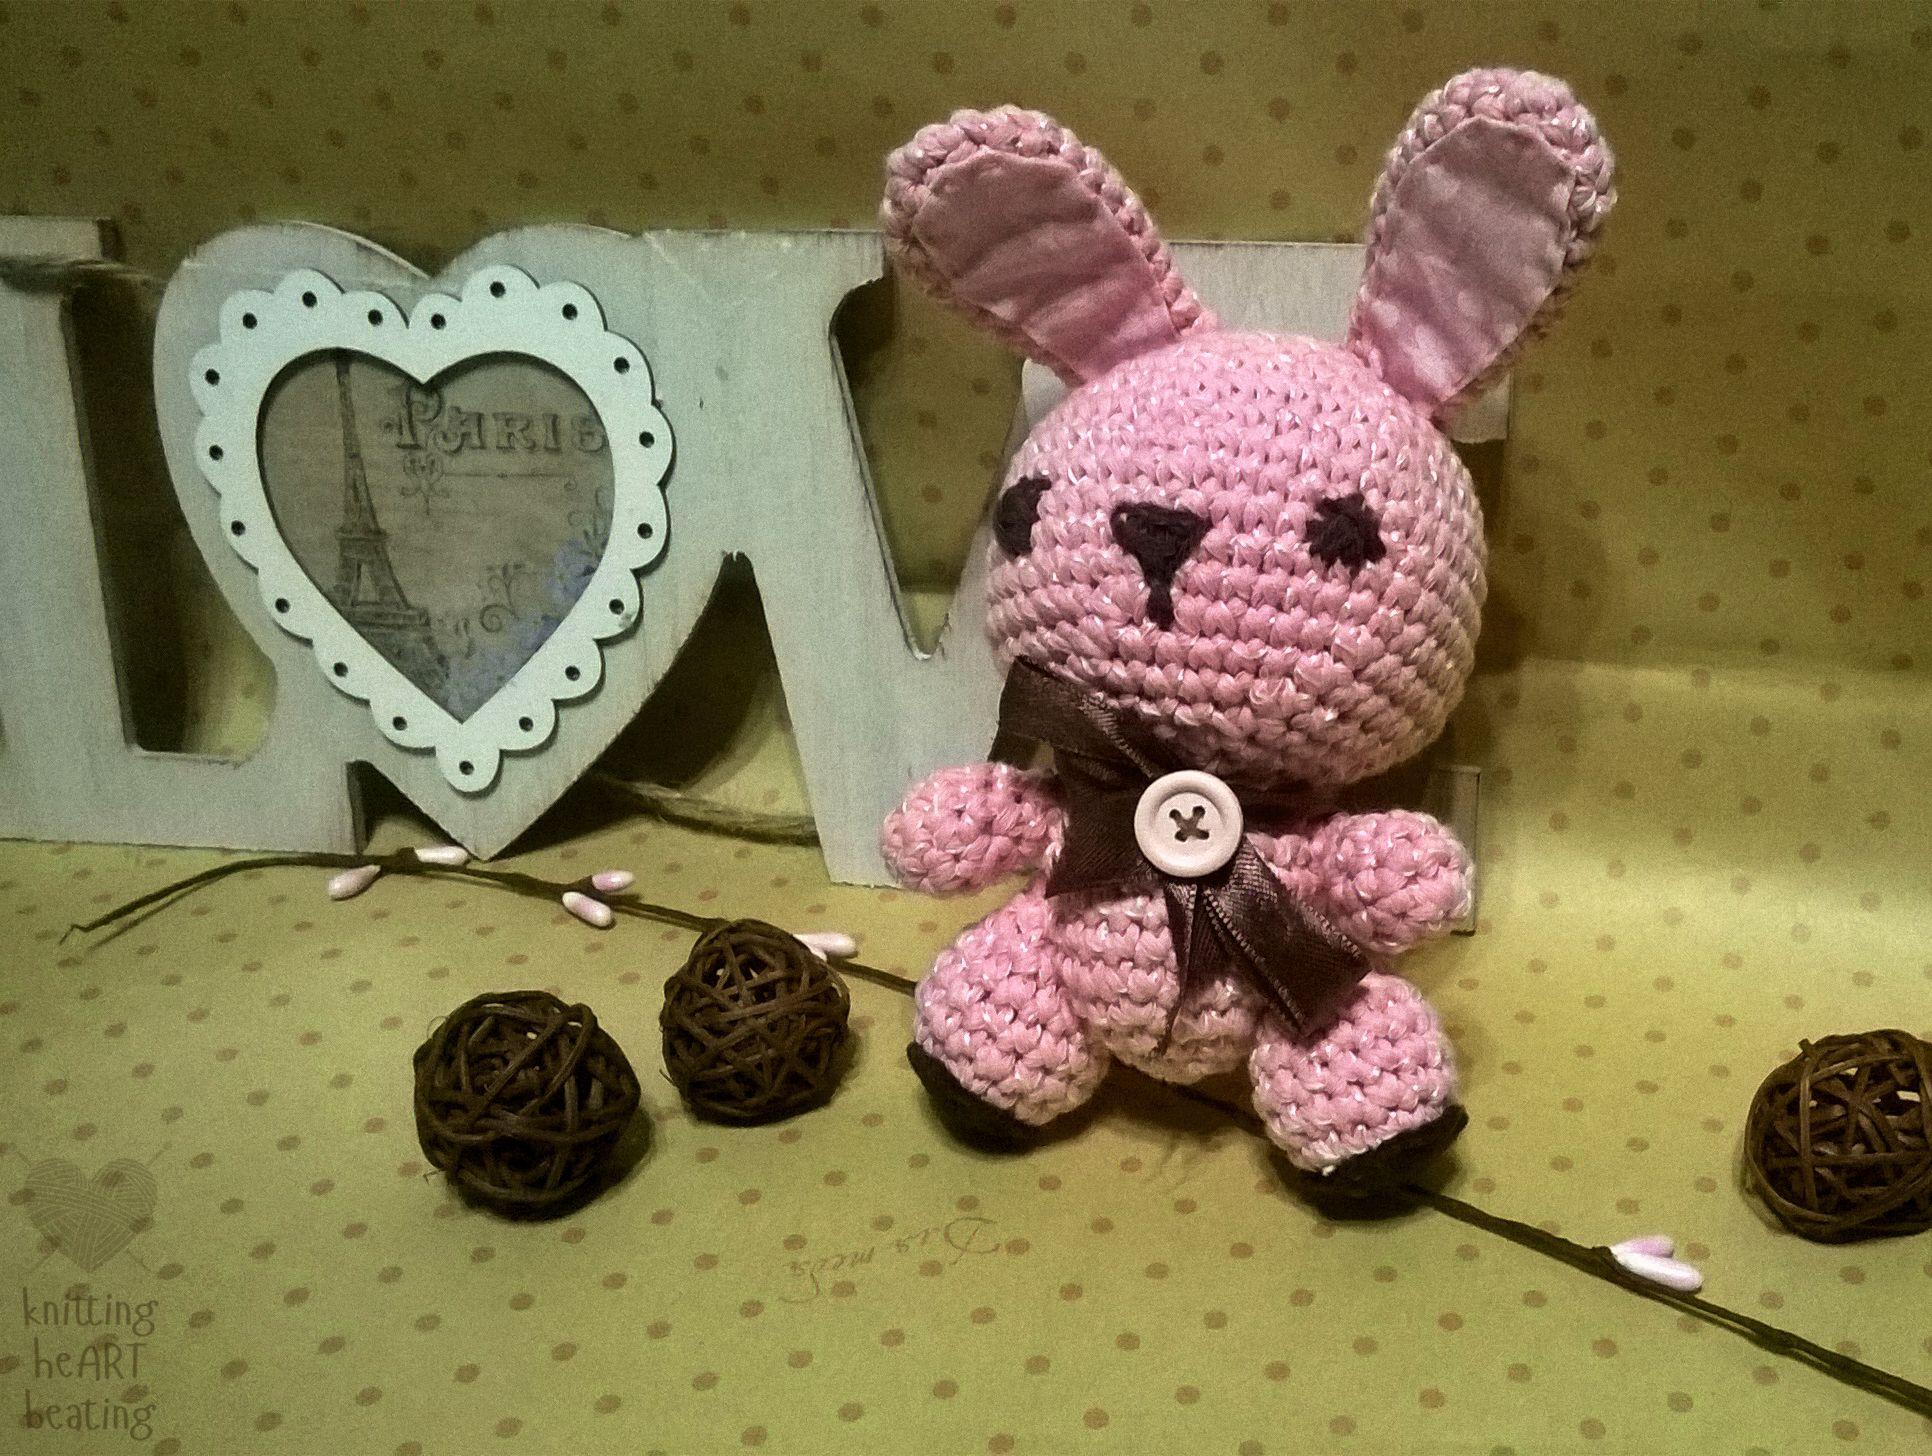 розовый заяц розовыйзаяц вязаныйзаяц вязаныеигрушки амигуруми вязаниекрючком вязаниедлядетей подарок